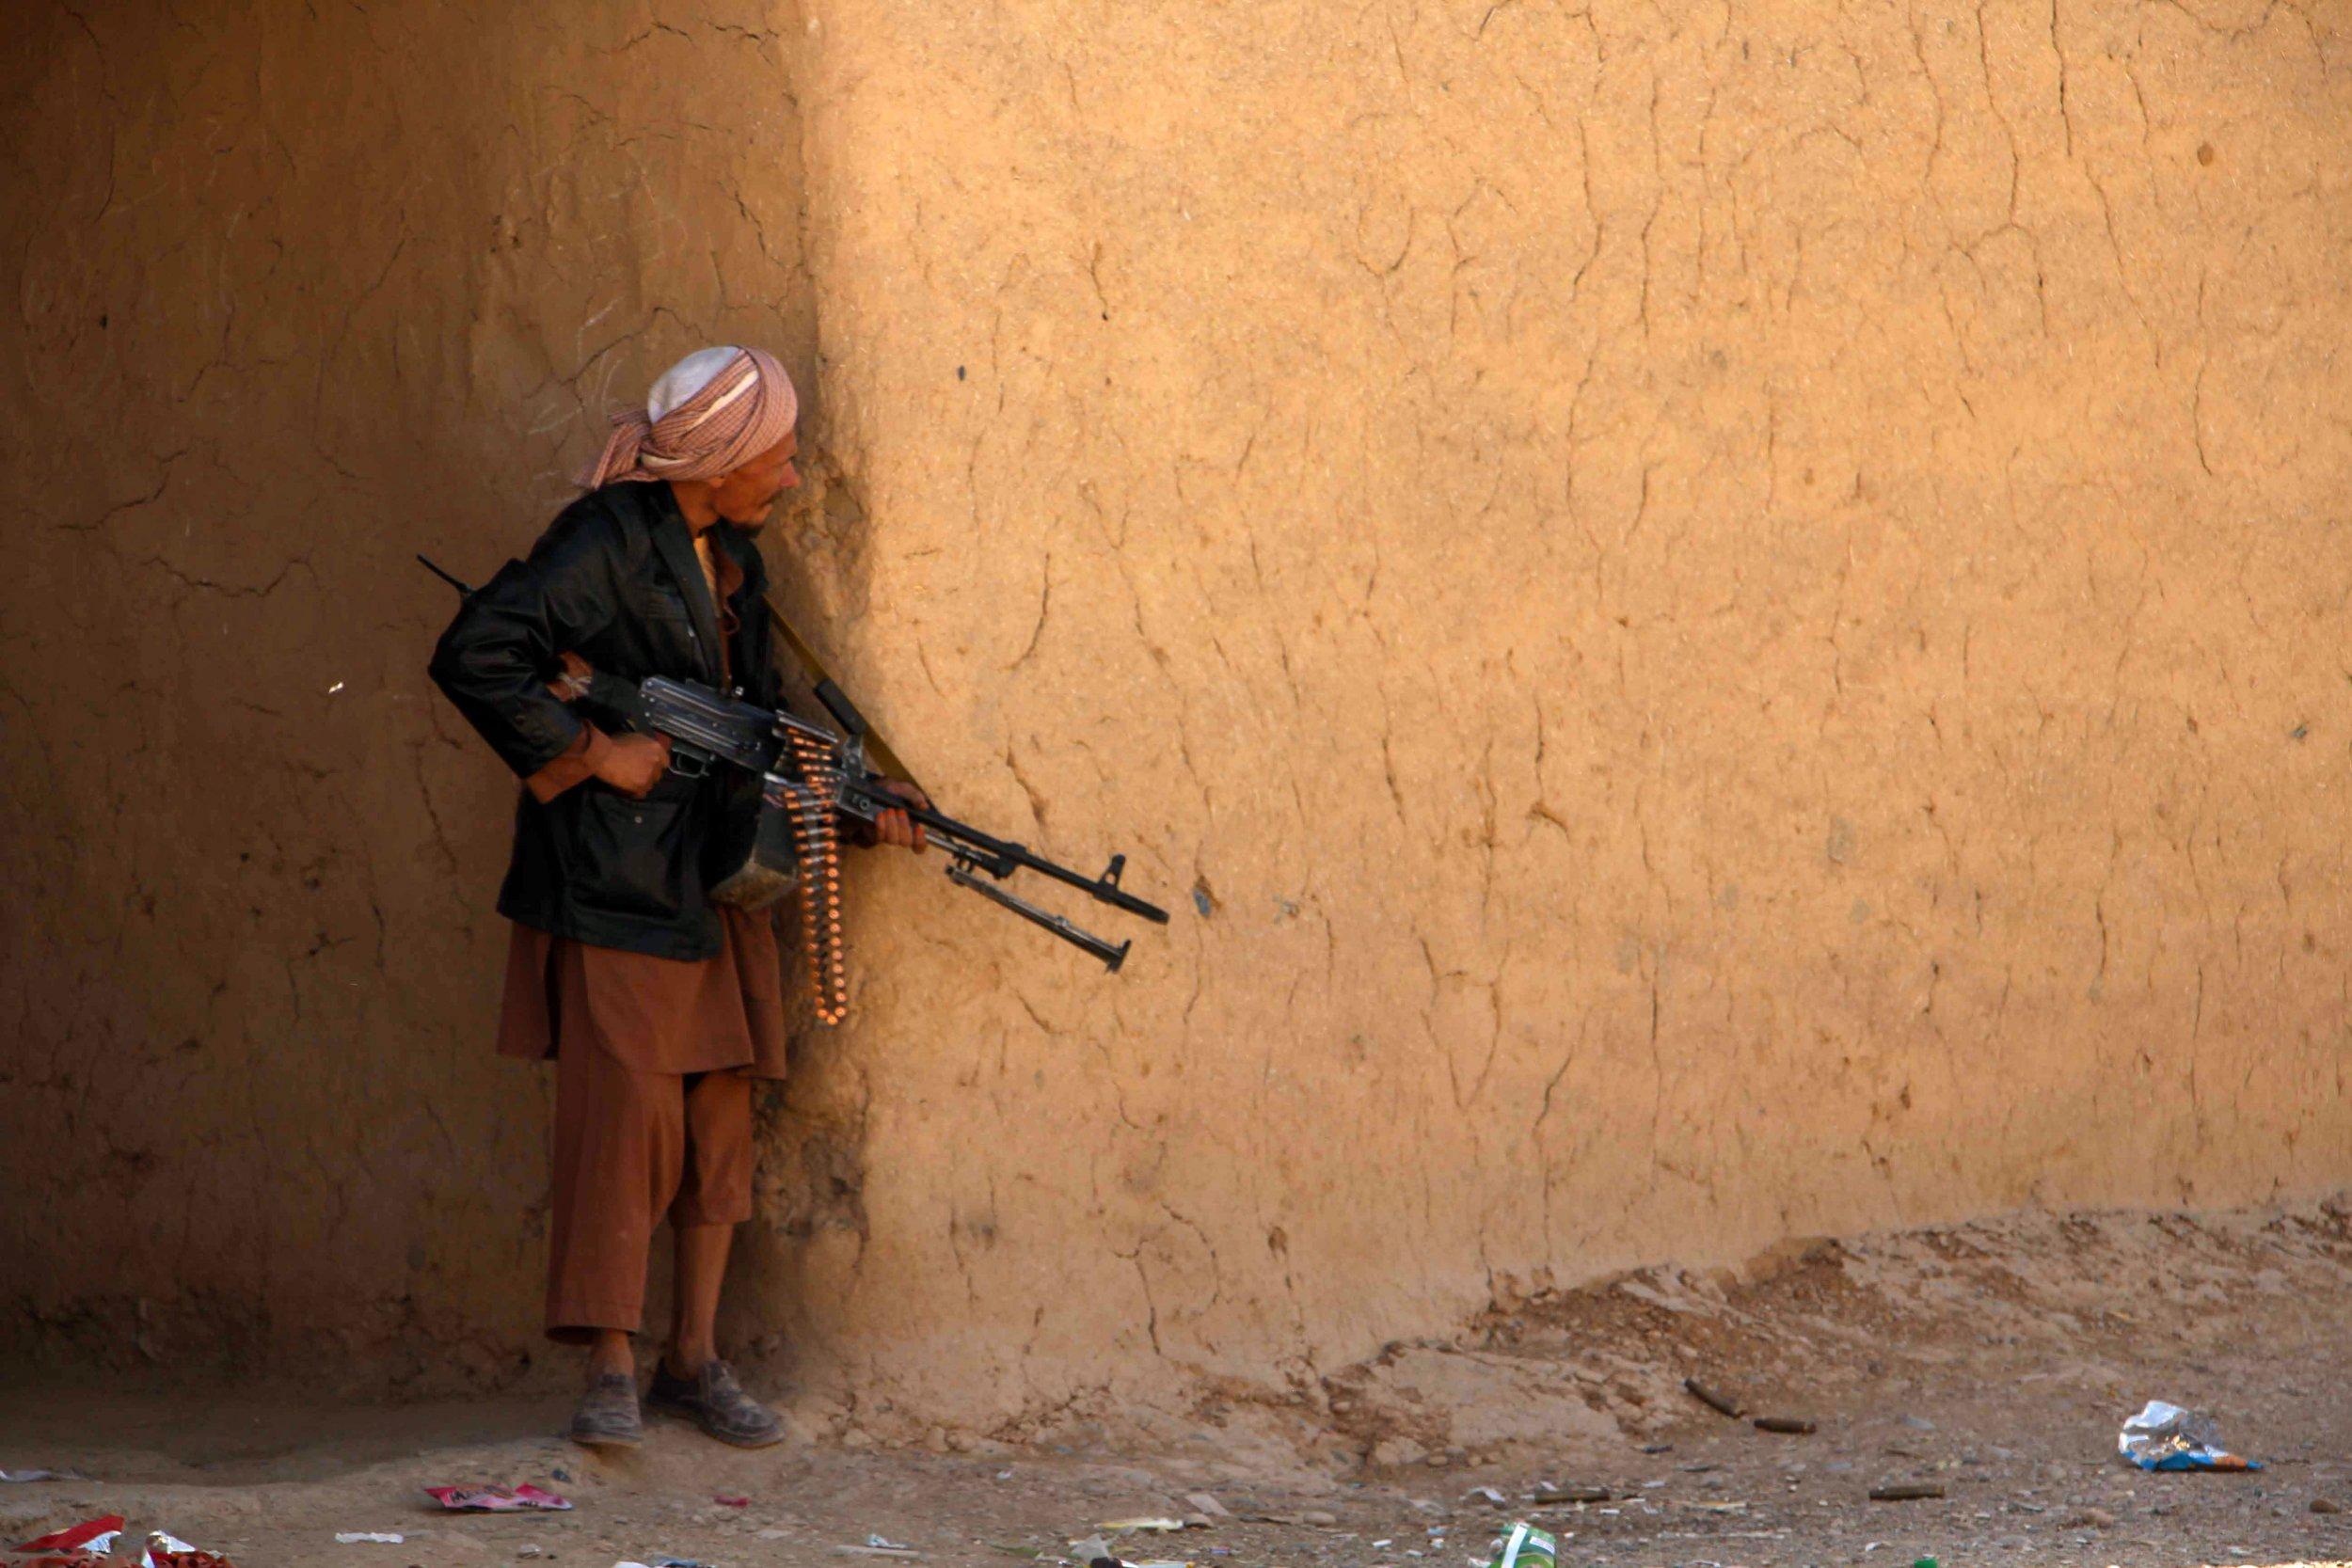 Afghan policeman in Helmand